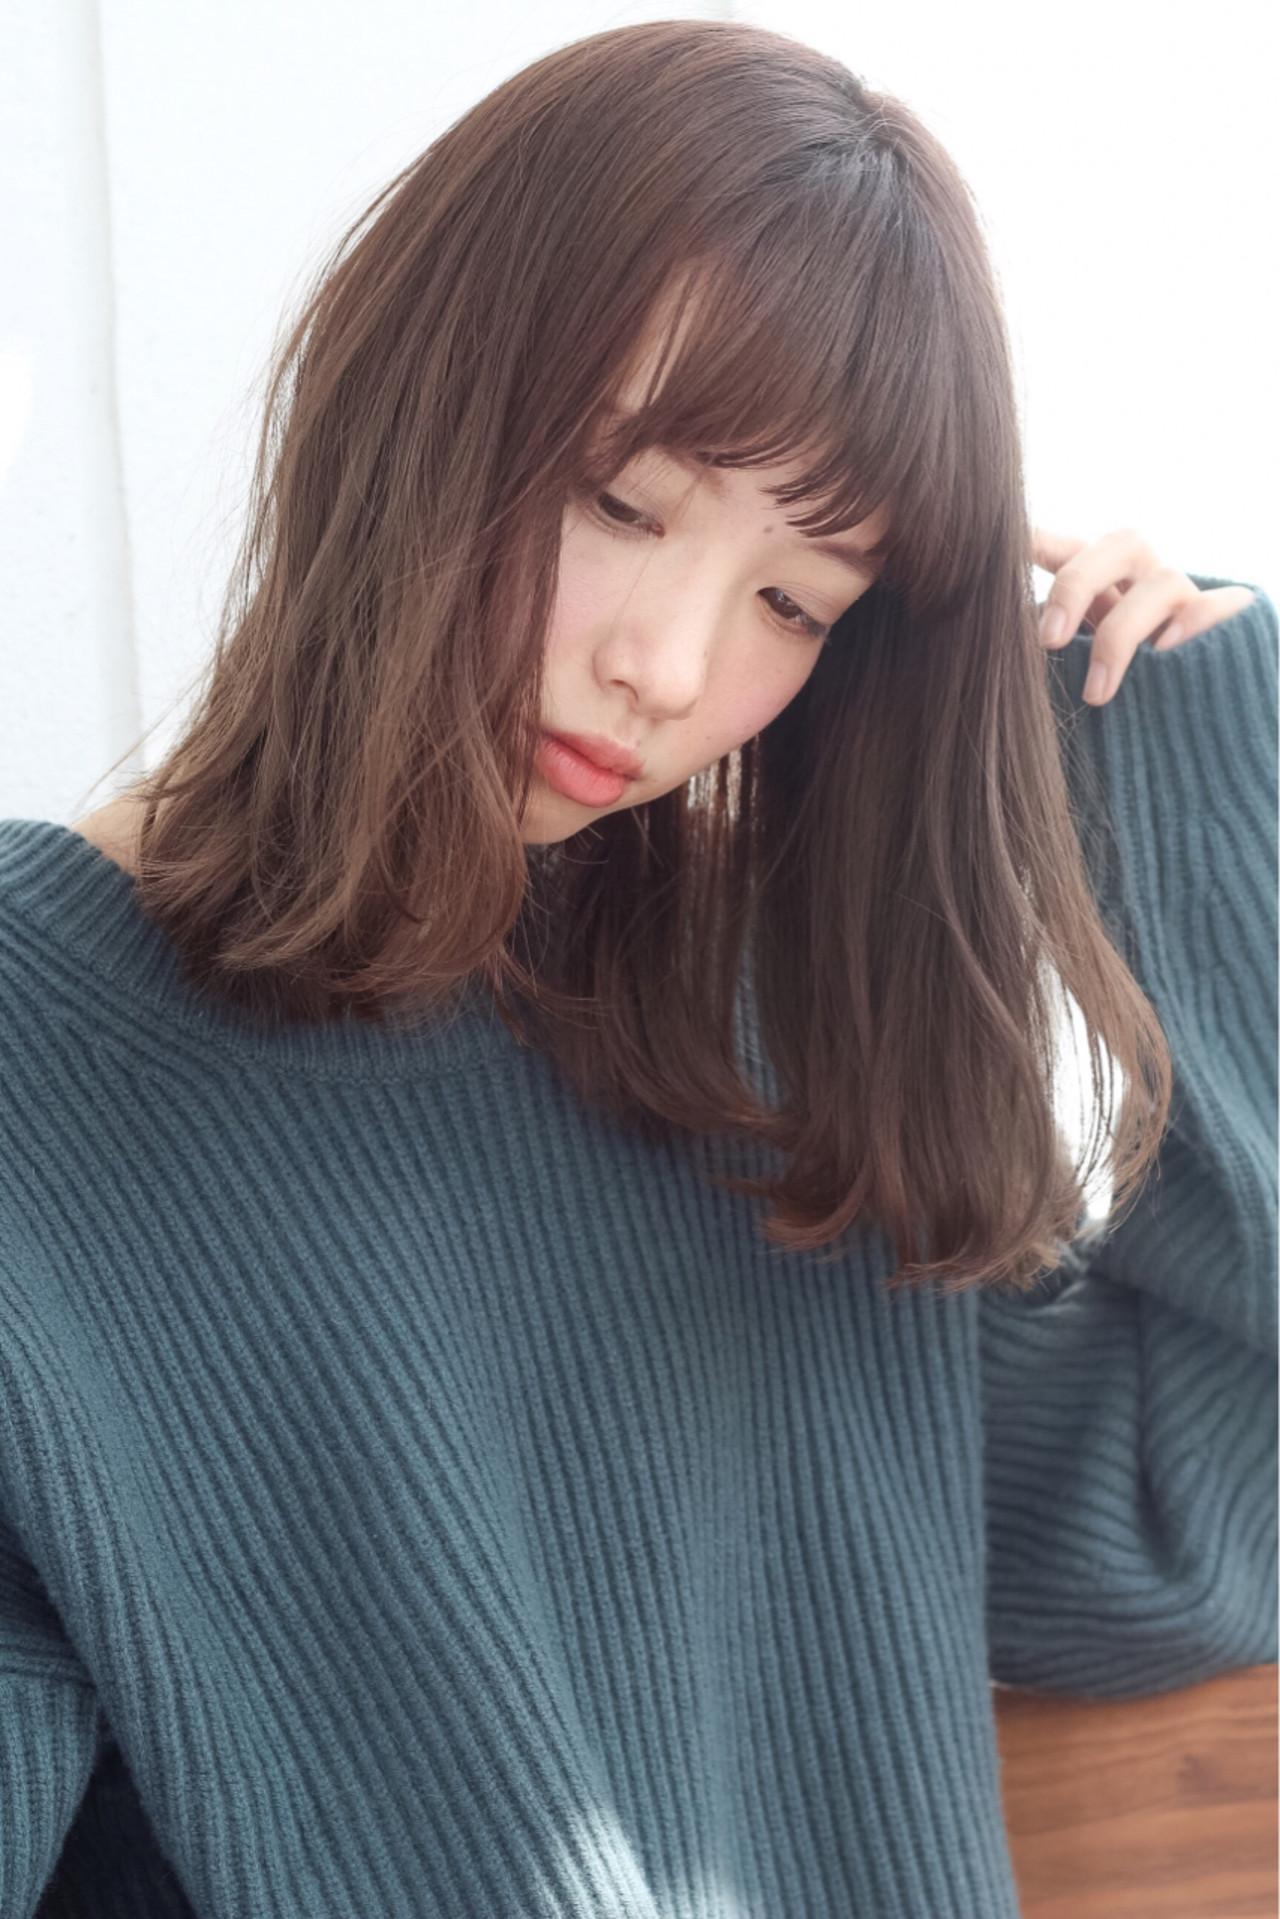 黒髪 大人女子 ガーリー 小顔 ヘアスタイルや髪型の写真・画像